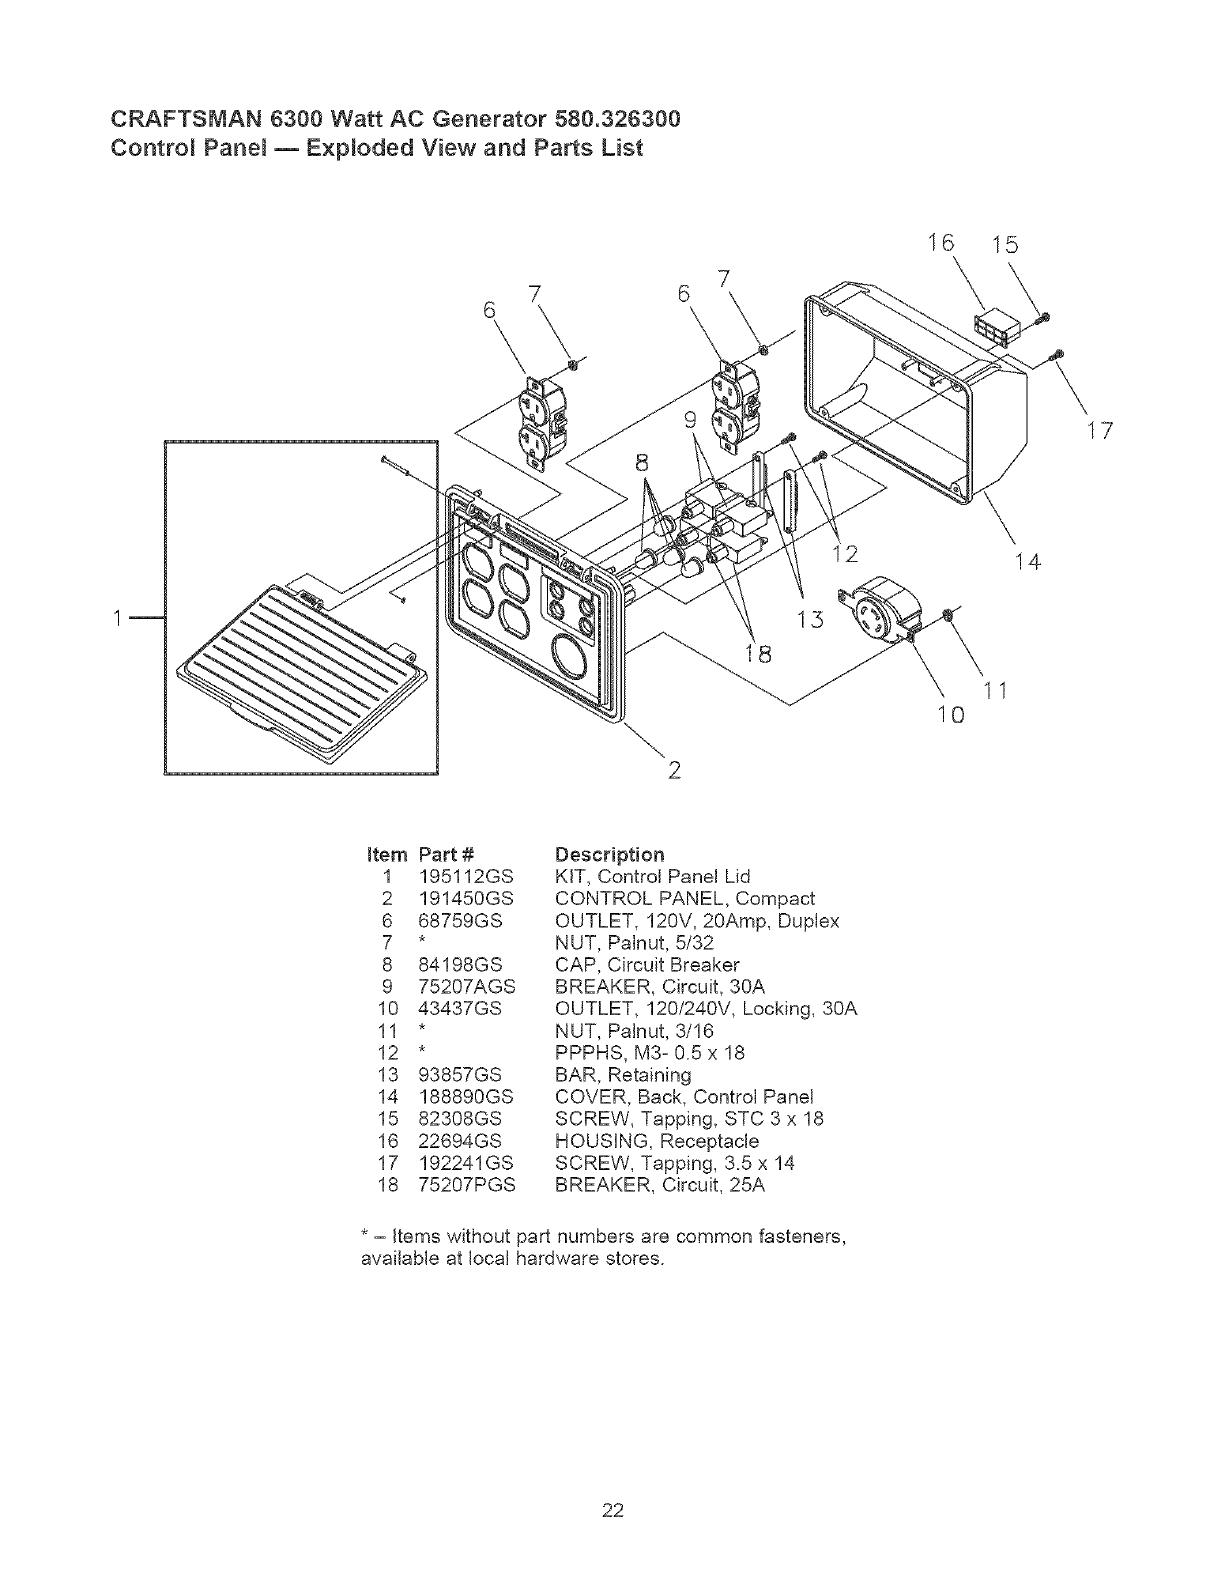 Craftsman User Manual Generator Manuals And